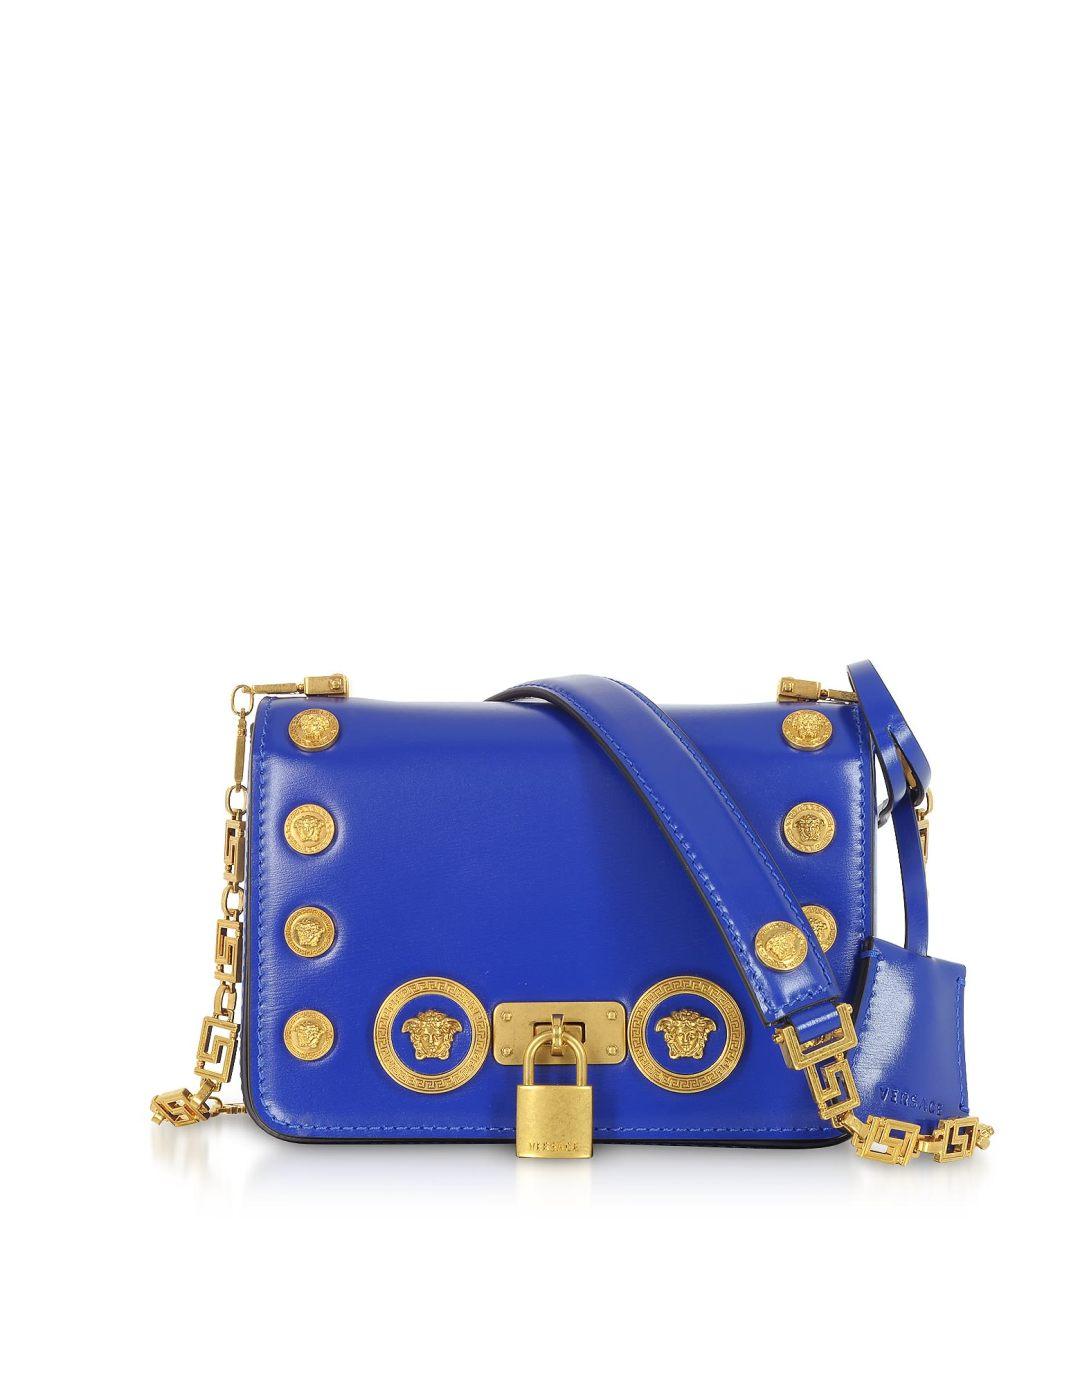 7c755f8e9e4c Versace Small Icon Leather Shoulder Bag – Italist –  1